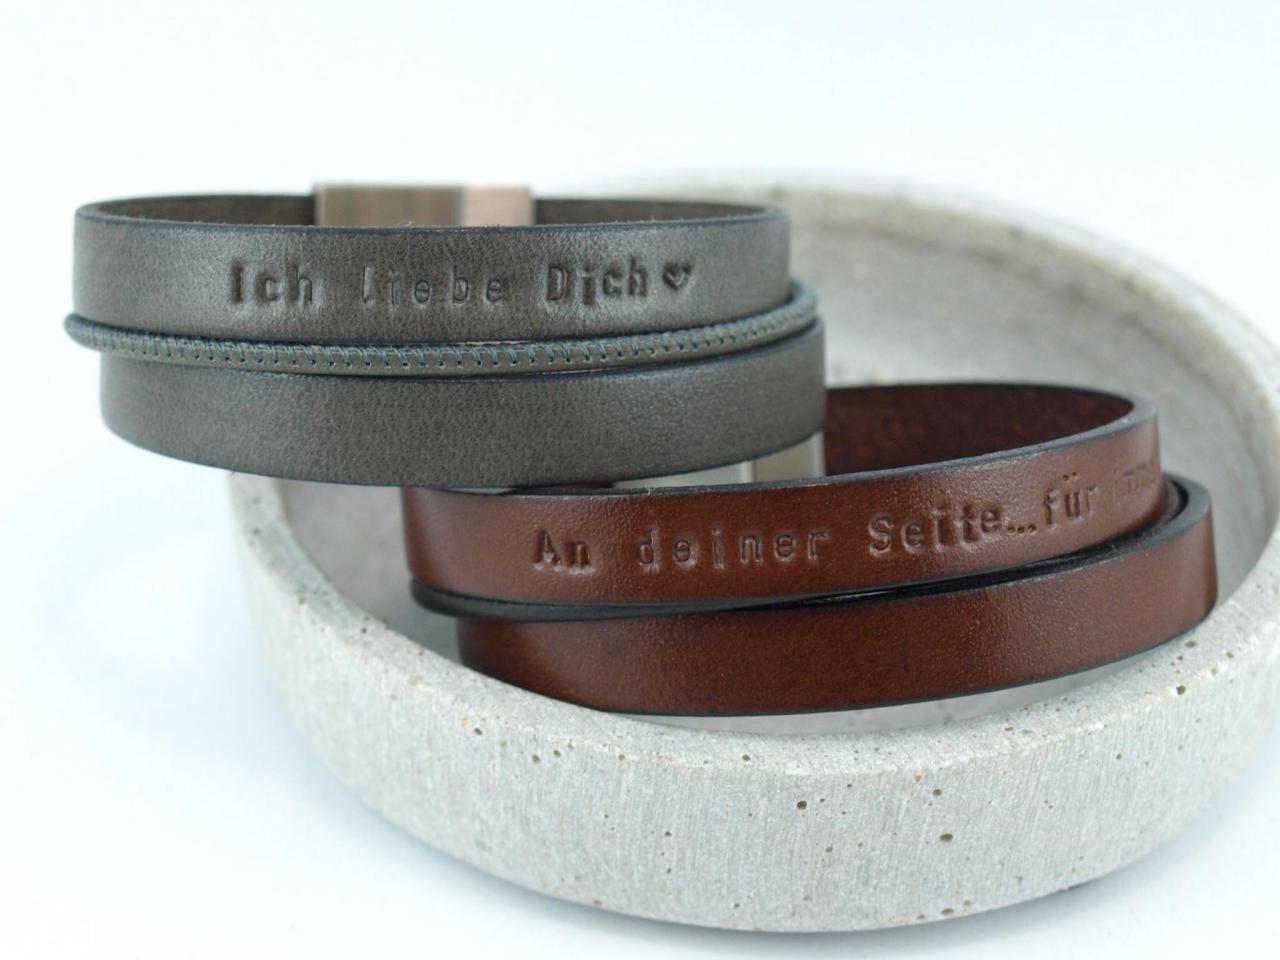 Partnerset Heny und Henriette in der Farbe Grau und Rotbraun mit Gravur, Leder, Edelstahlmagnet